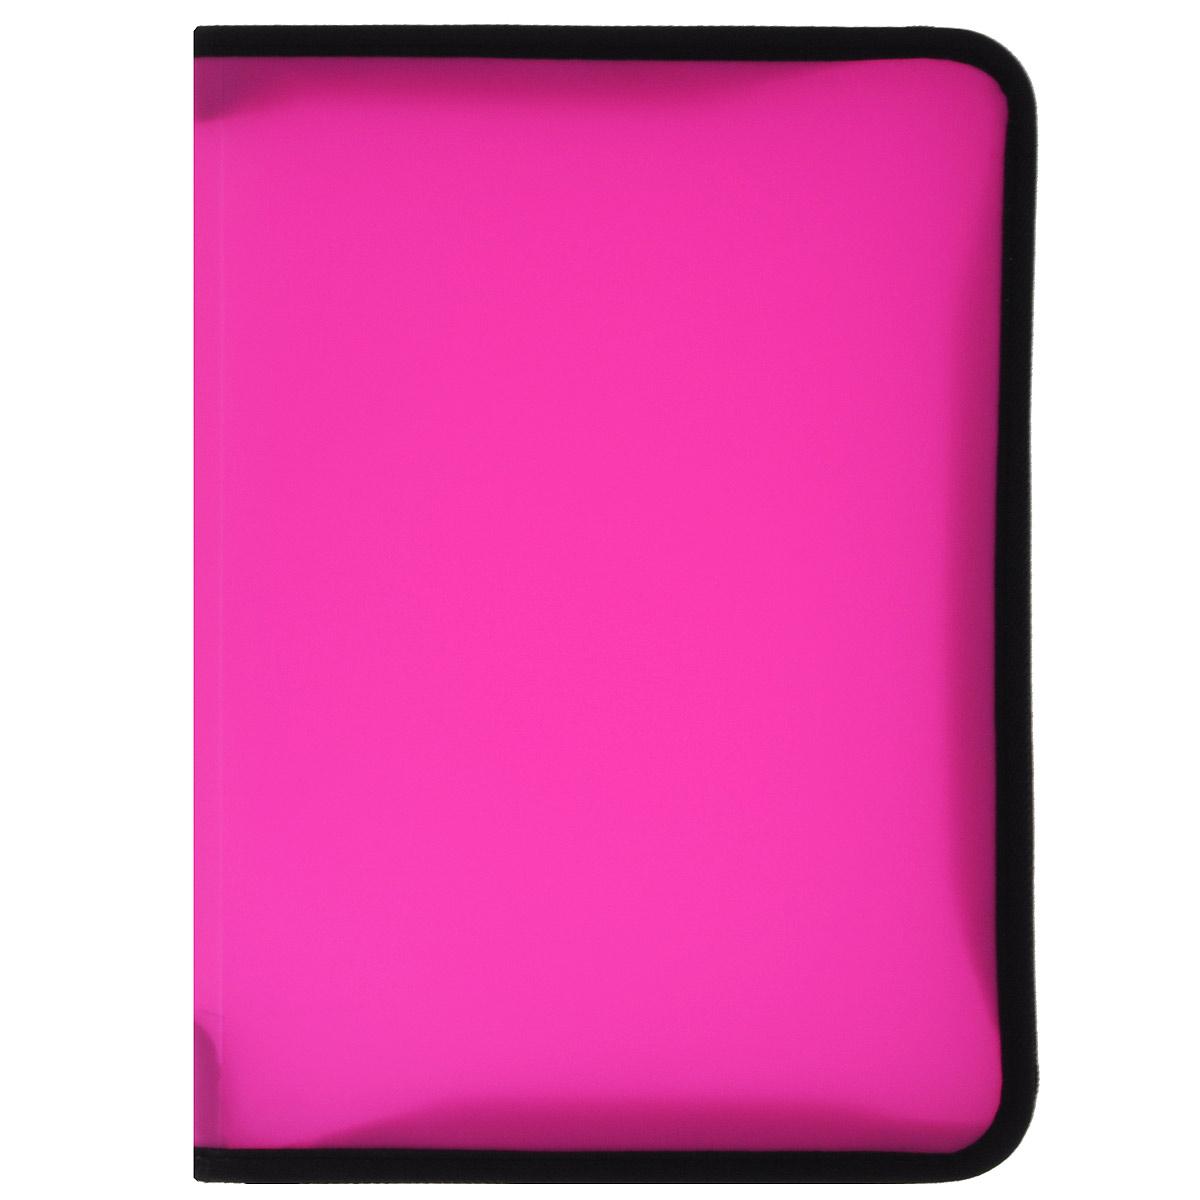 Erich Krause Папка на молнии цвет розовый формат А434737Многофункциональная папка Erich Krause на молнии используется для хранения различных бумаг, каталогов, тетрадей, рефератов. Защищает бумагу от повреждений, пыли и влаги. Удобна в поездках. Закрывается на застежку-молнию.